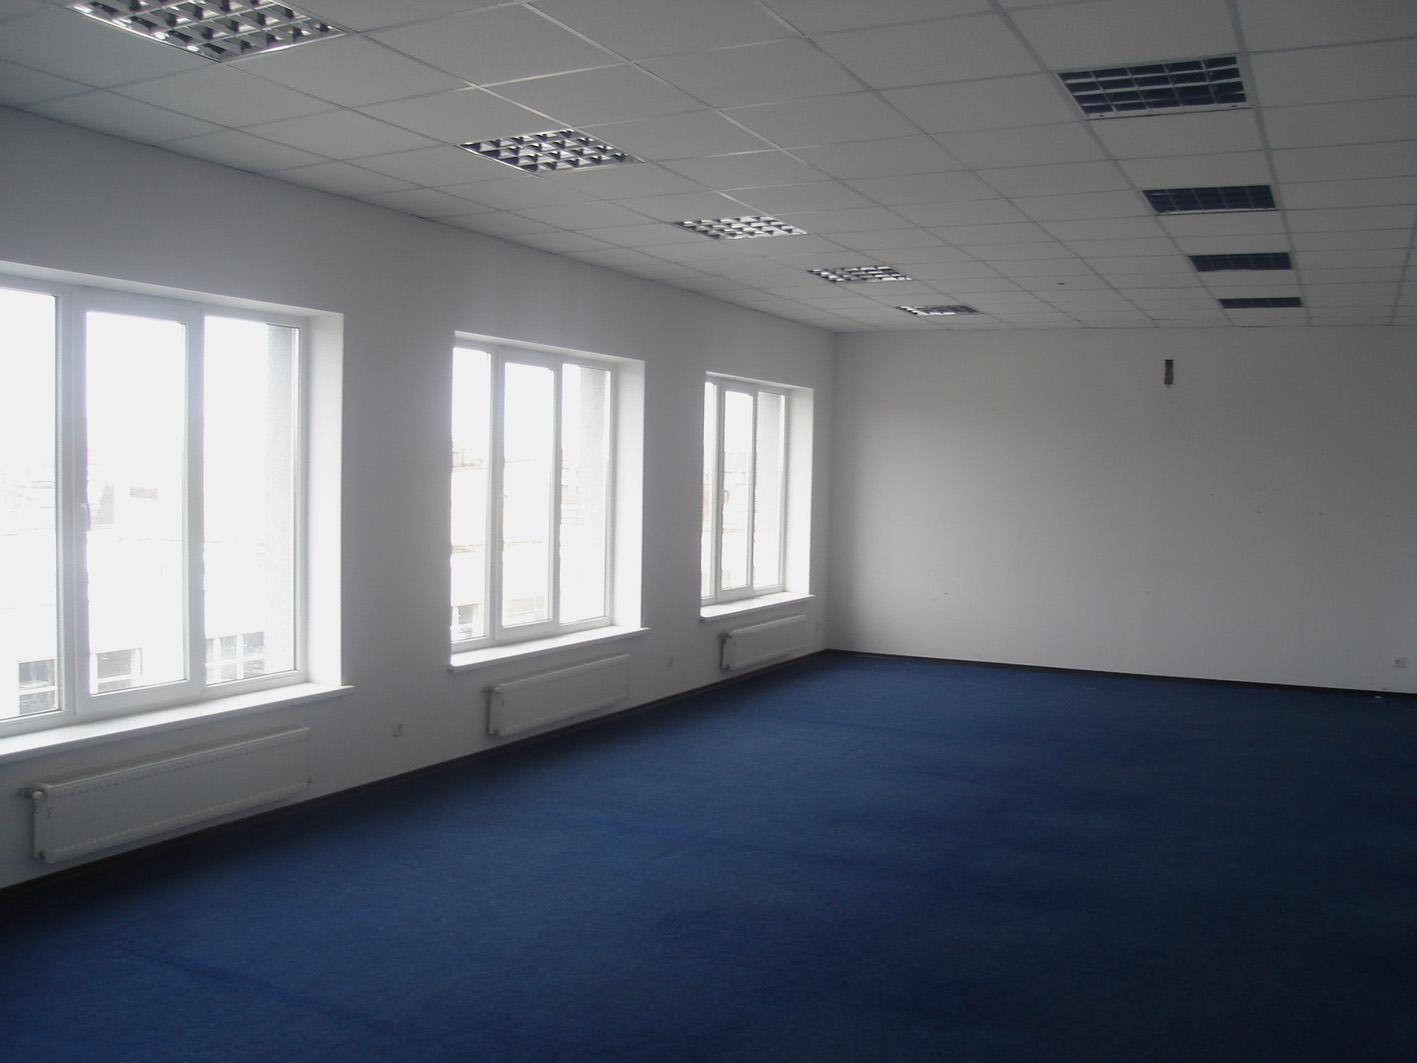 Оренда приміщень - Офісні приміщення - Офісний бізнес-центр за ... 4d608a931e693